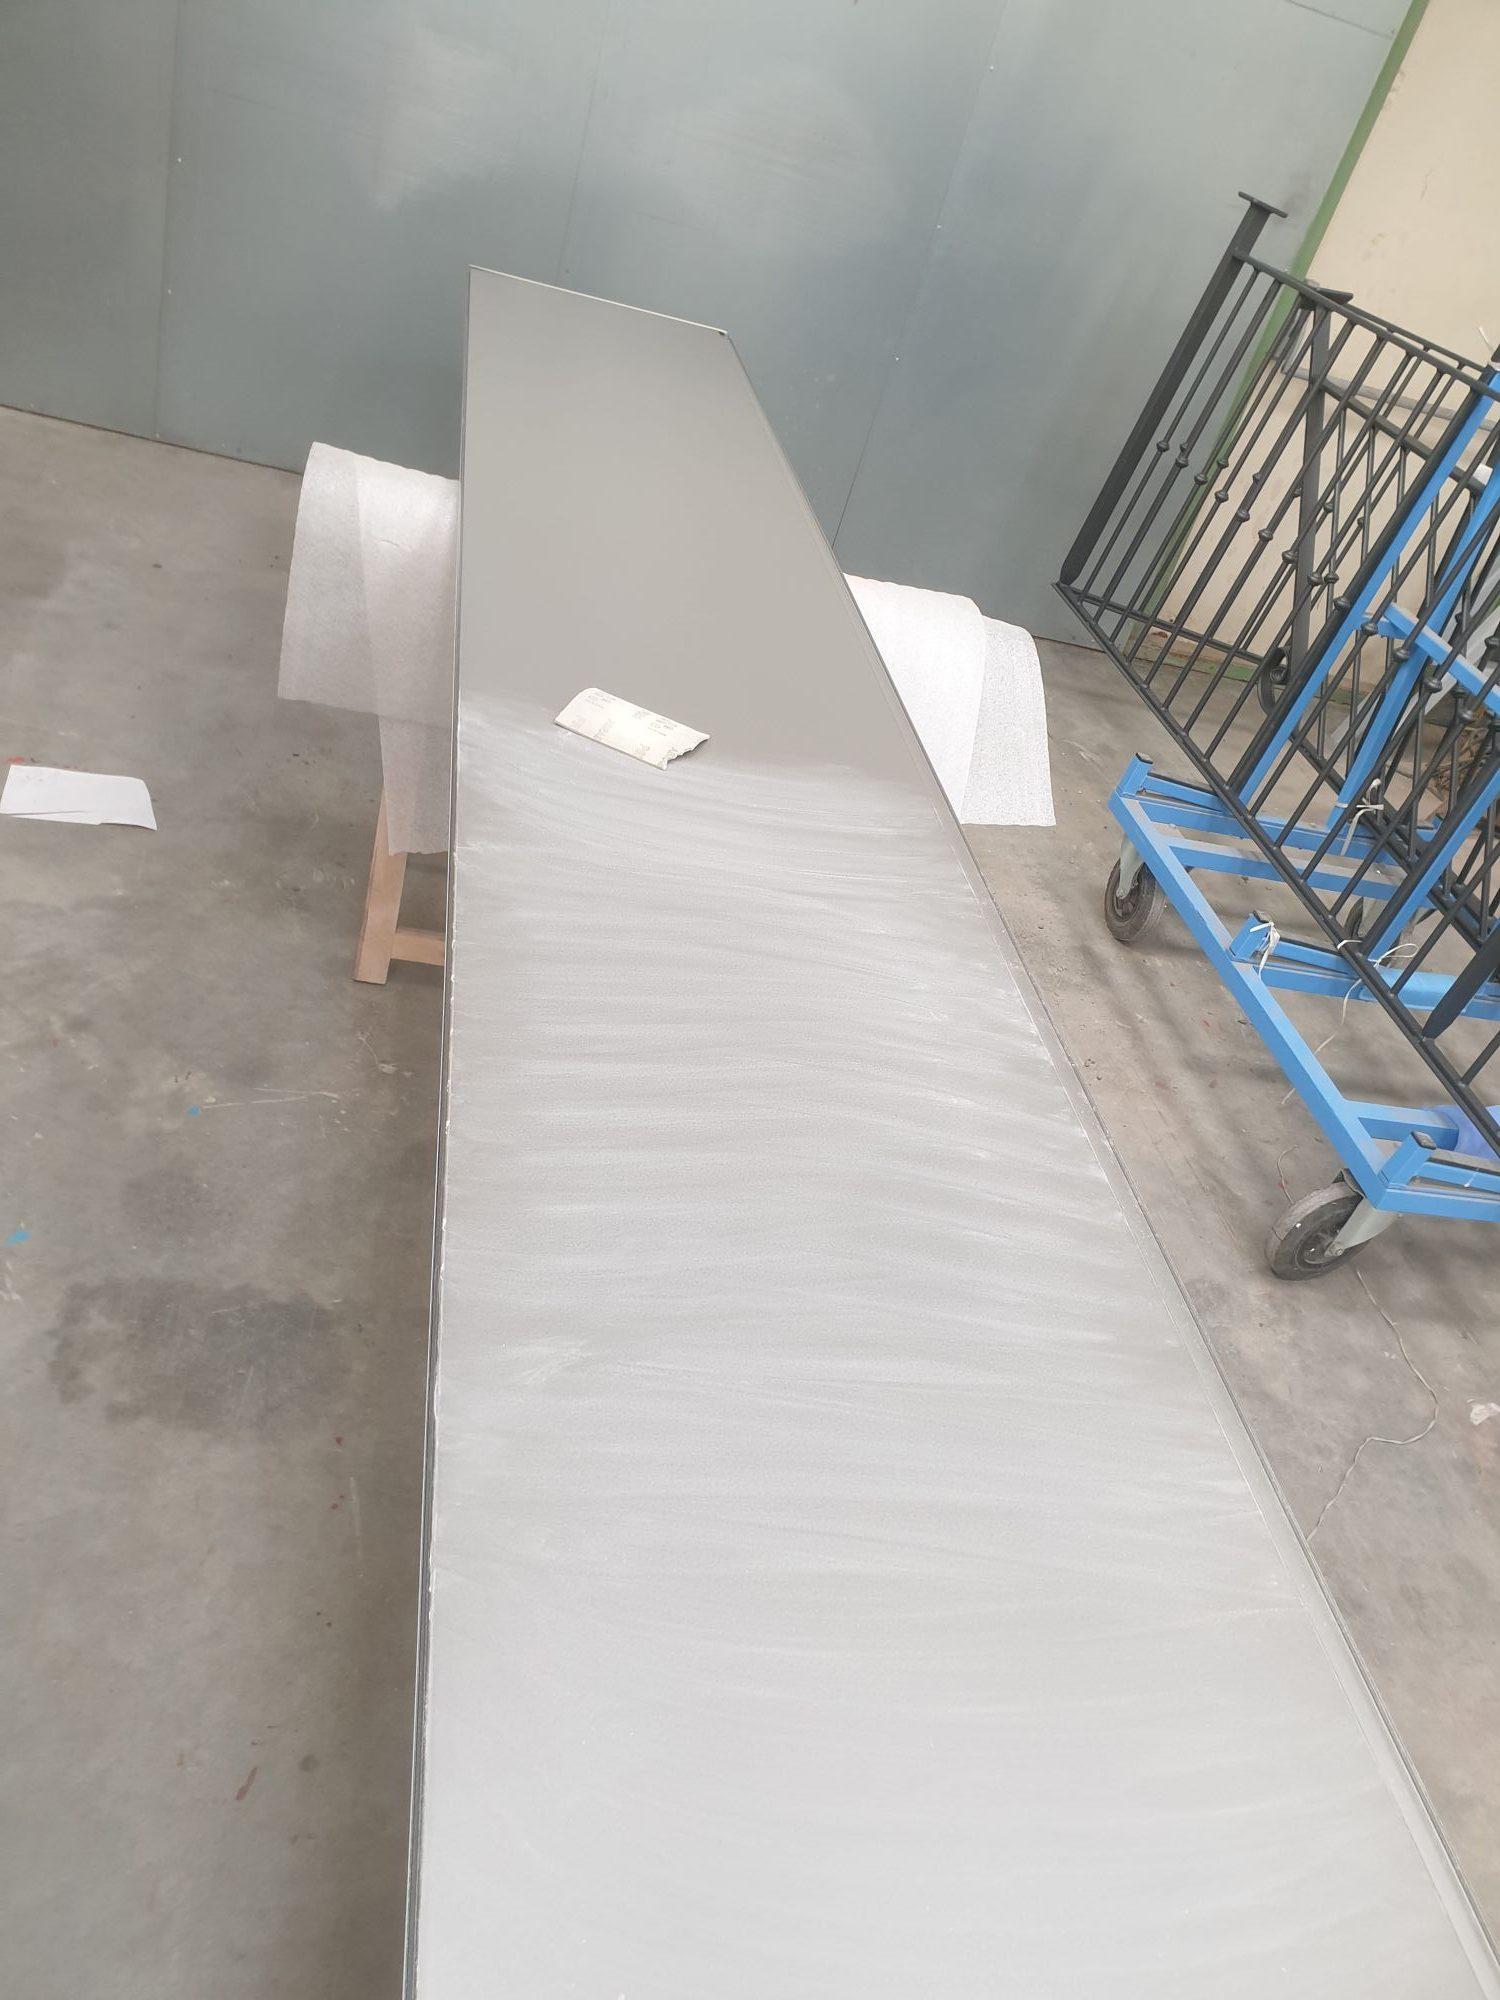 Peinture liquide industrielle à 79,17, 85